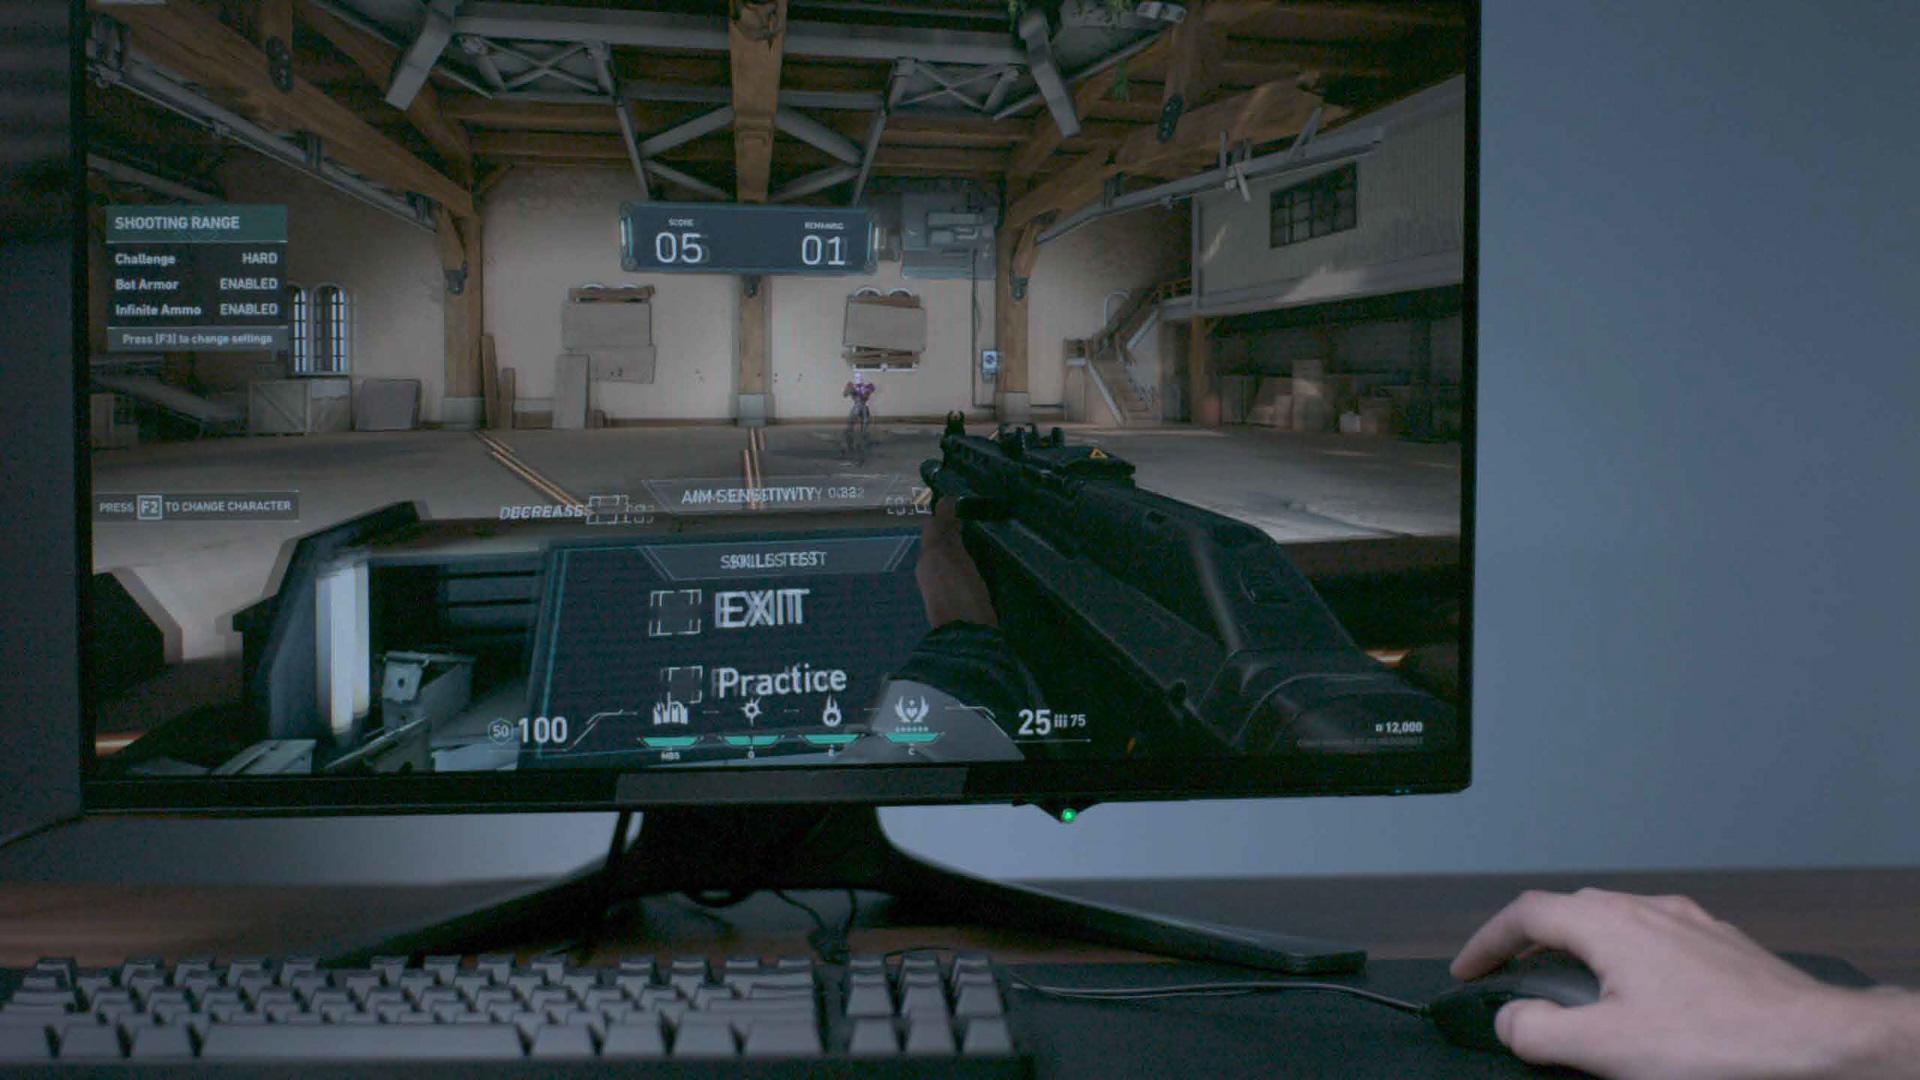 ゲームをプレイするときにレイテンシは大敵、それを削減し、それを計測する仕組みをNVIDIAが導入する